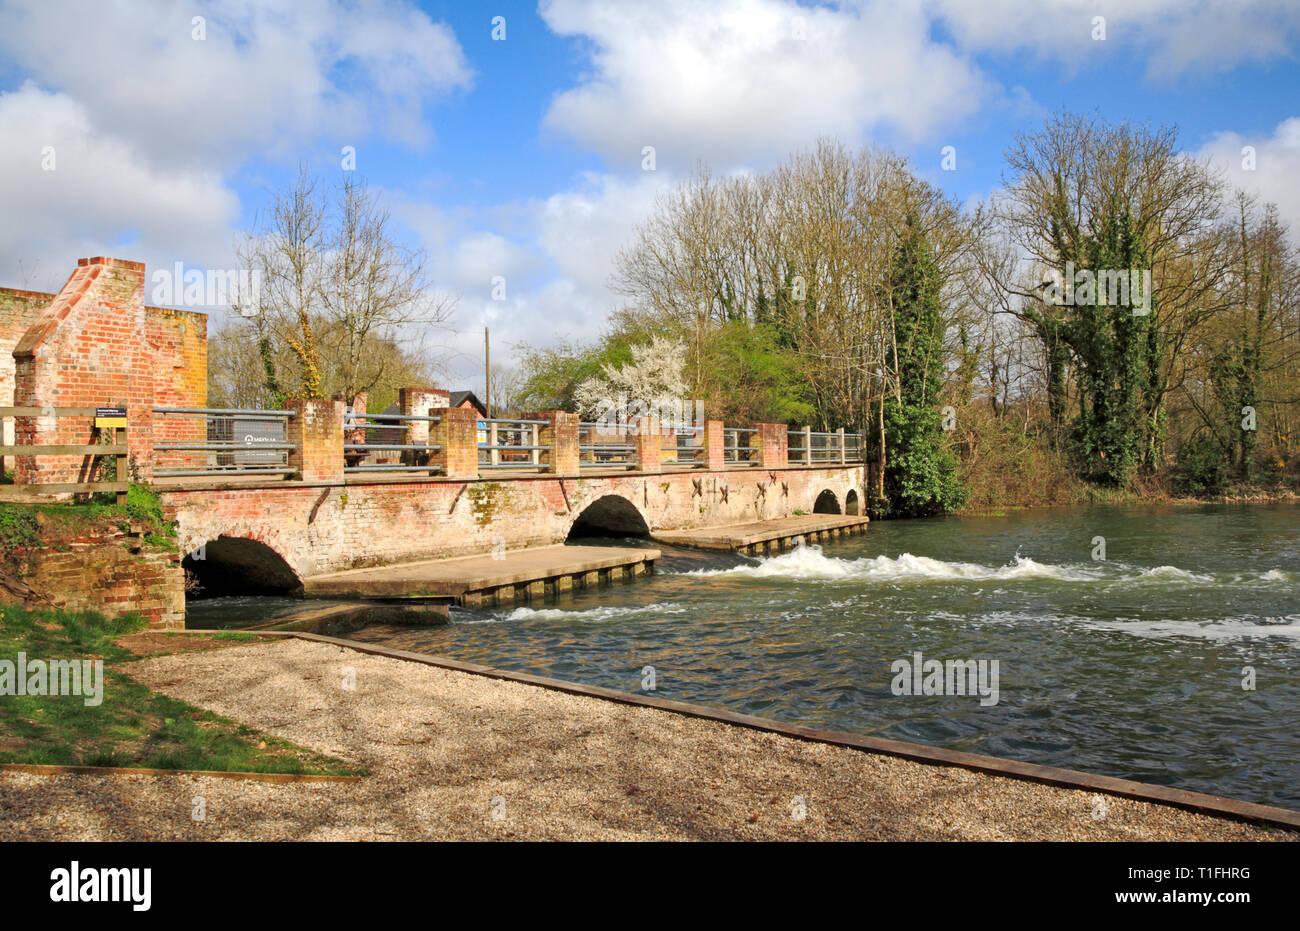 Une vue de la demeure du 18ème siècle moulin brûlé en 1963 sur la rivière Bure à Horstead, Norfolk, Angleterre, Royaume-Uni, Europe. Photo Stock